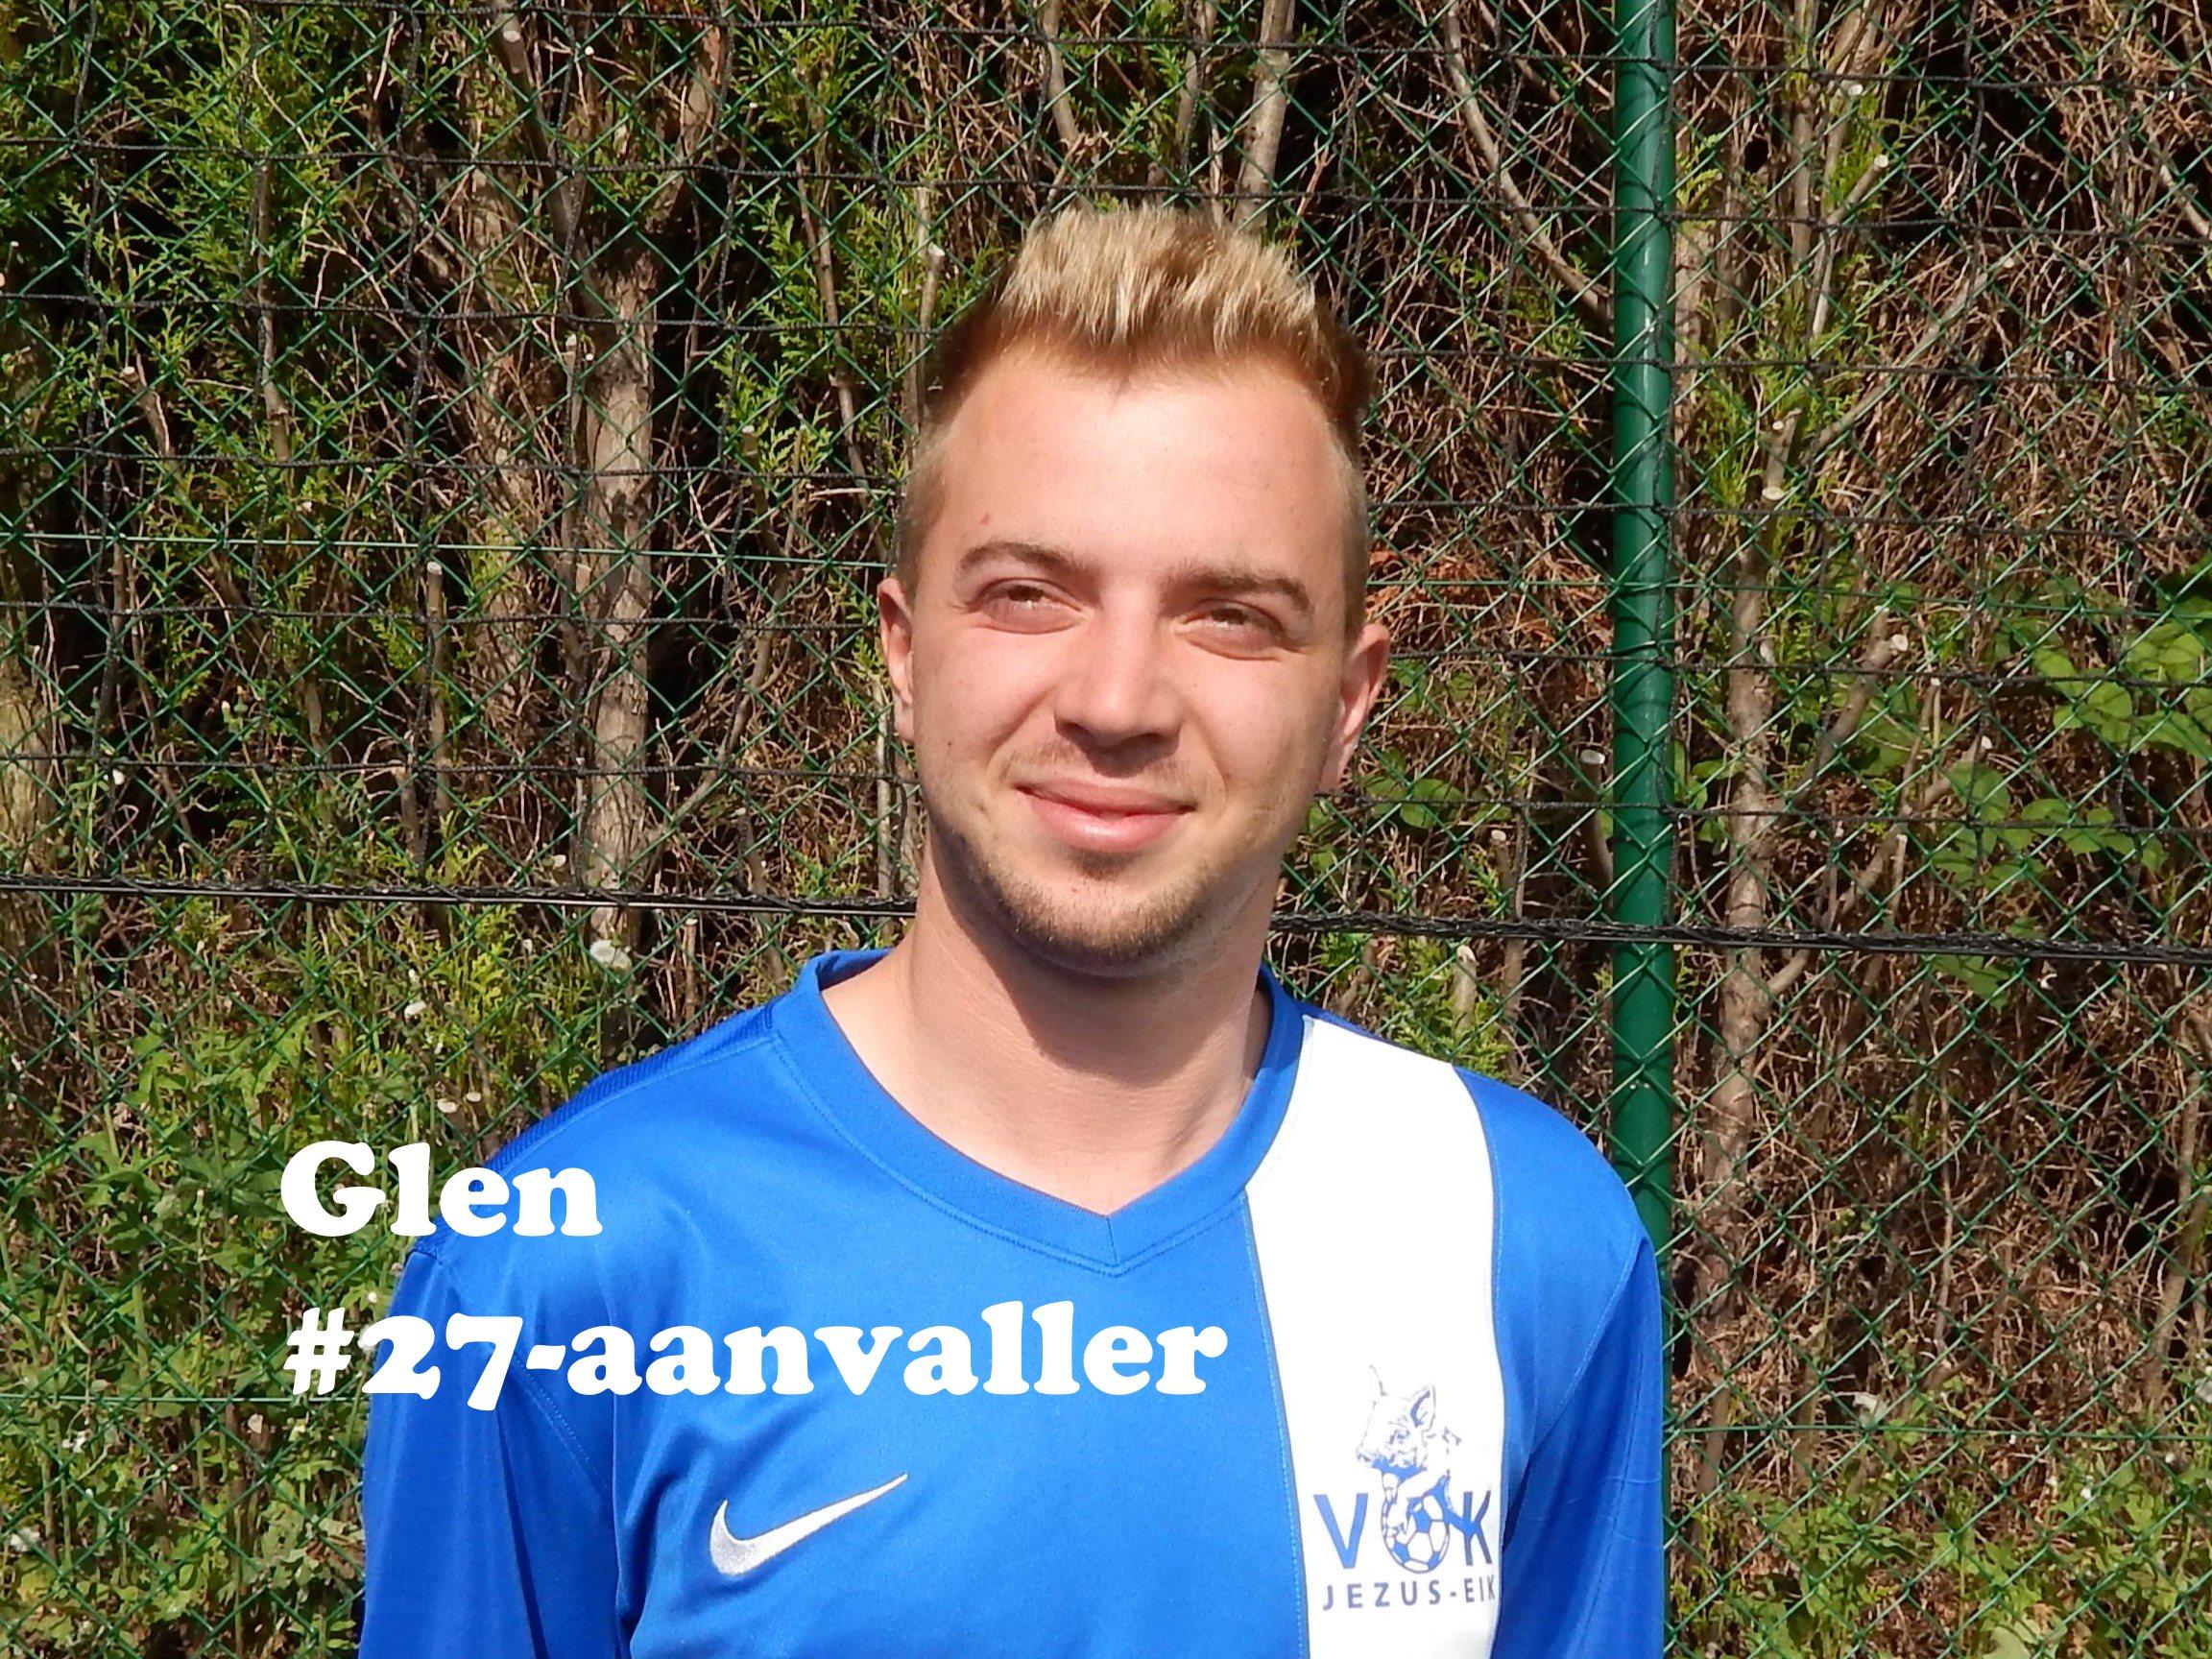 Glen - Aanvaller - 27